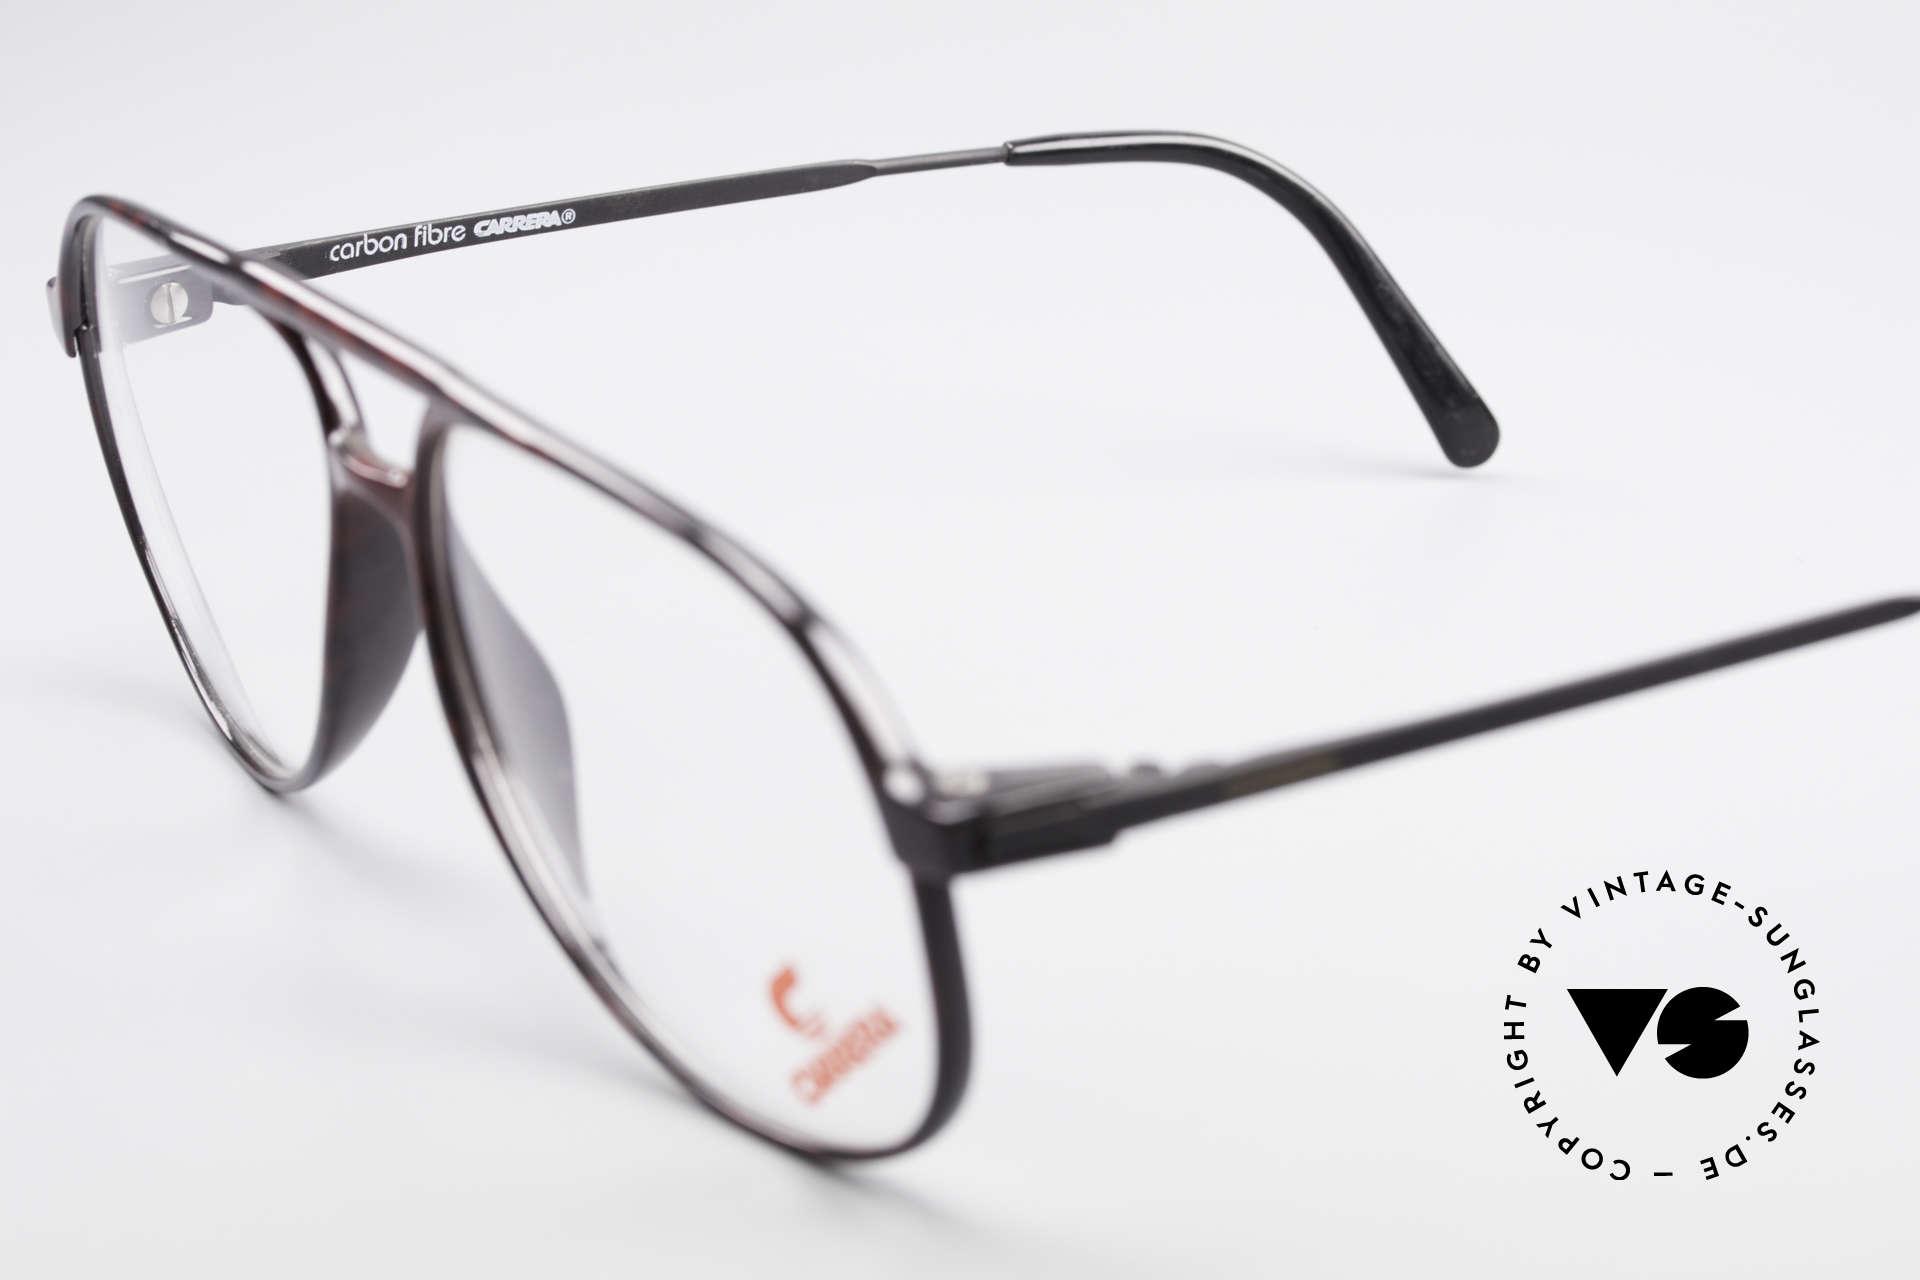 Carrera 5355 Kohlefaser Aviator Brille 90er, KEINE Retrobrille, sondern ein altes 90er Original, Passend für Herren